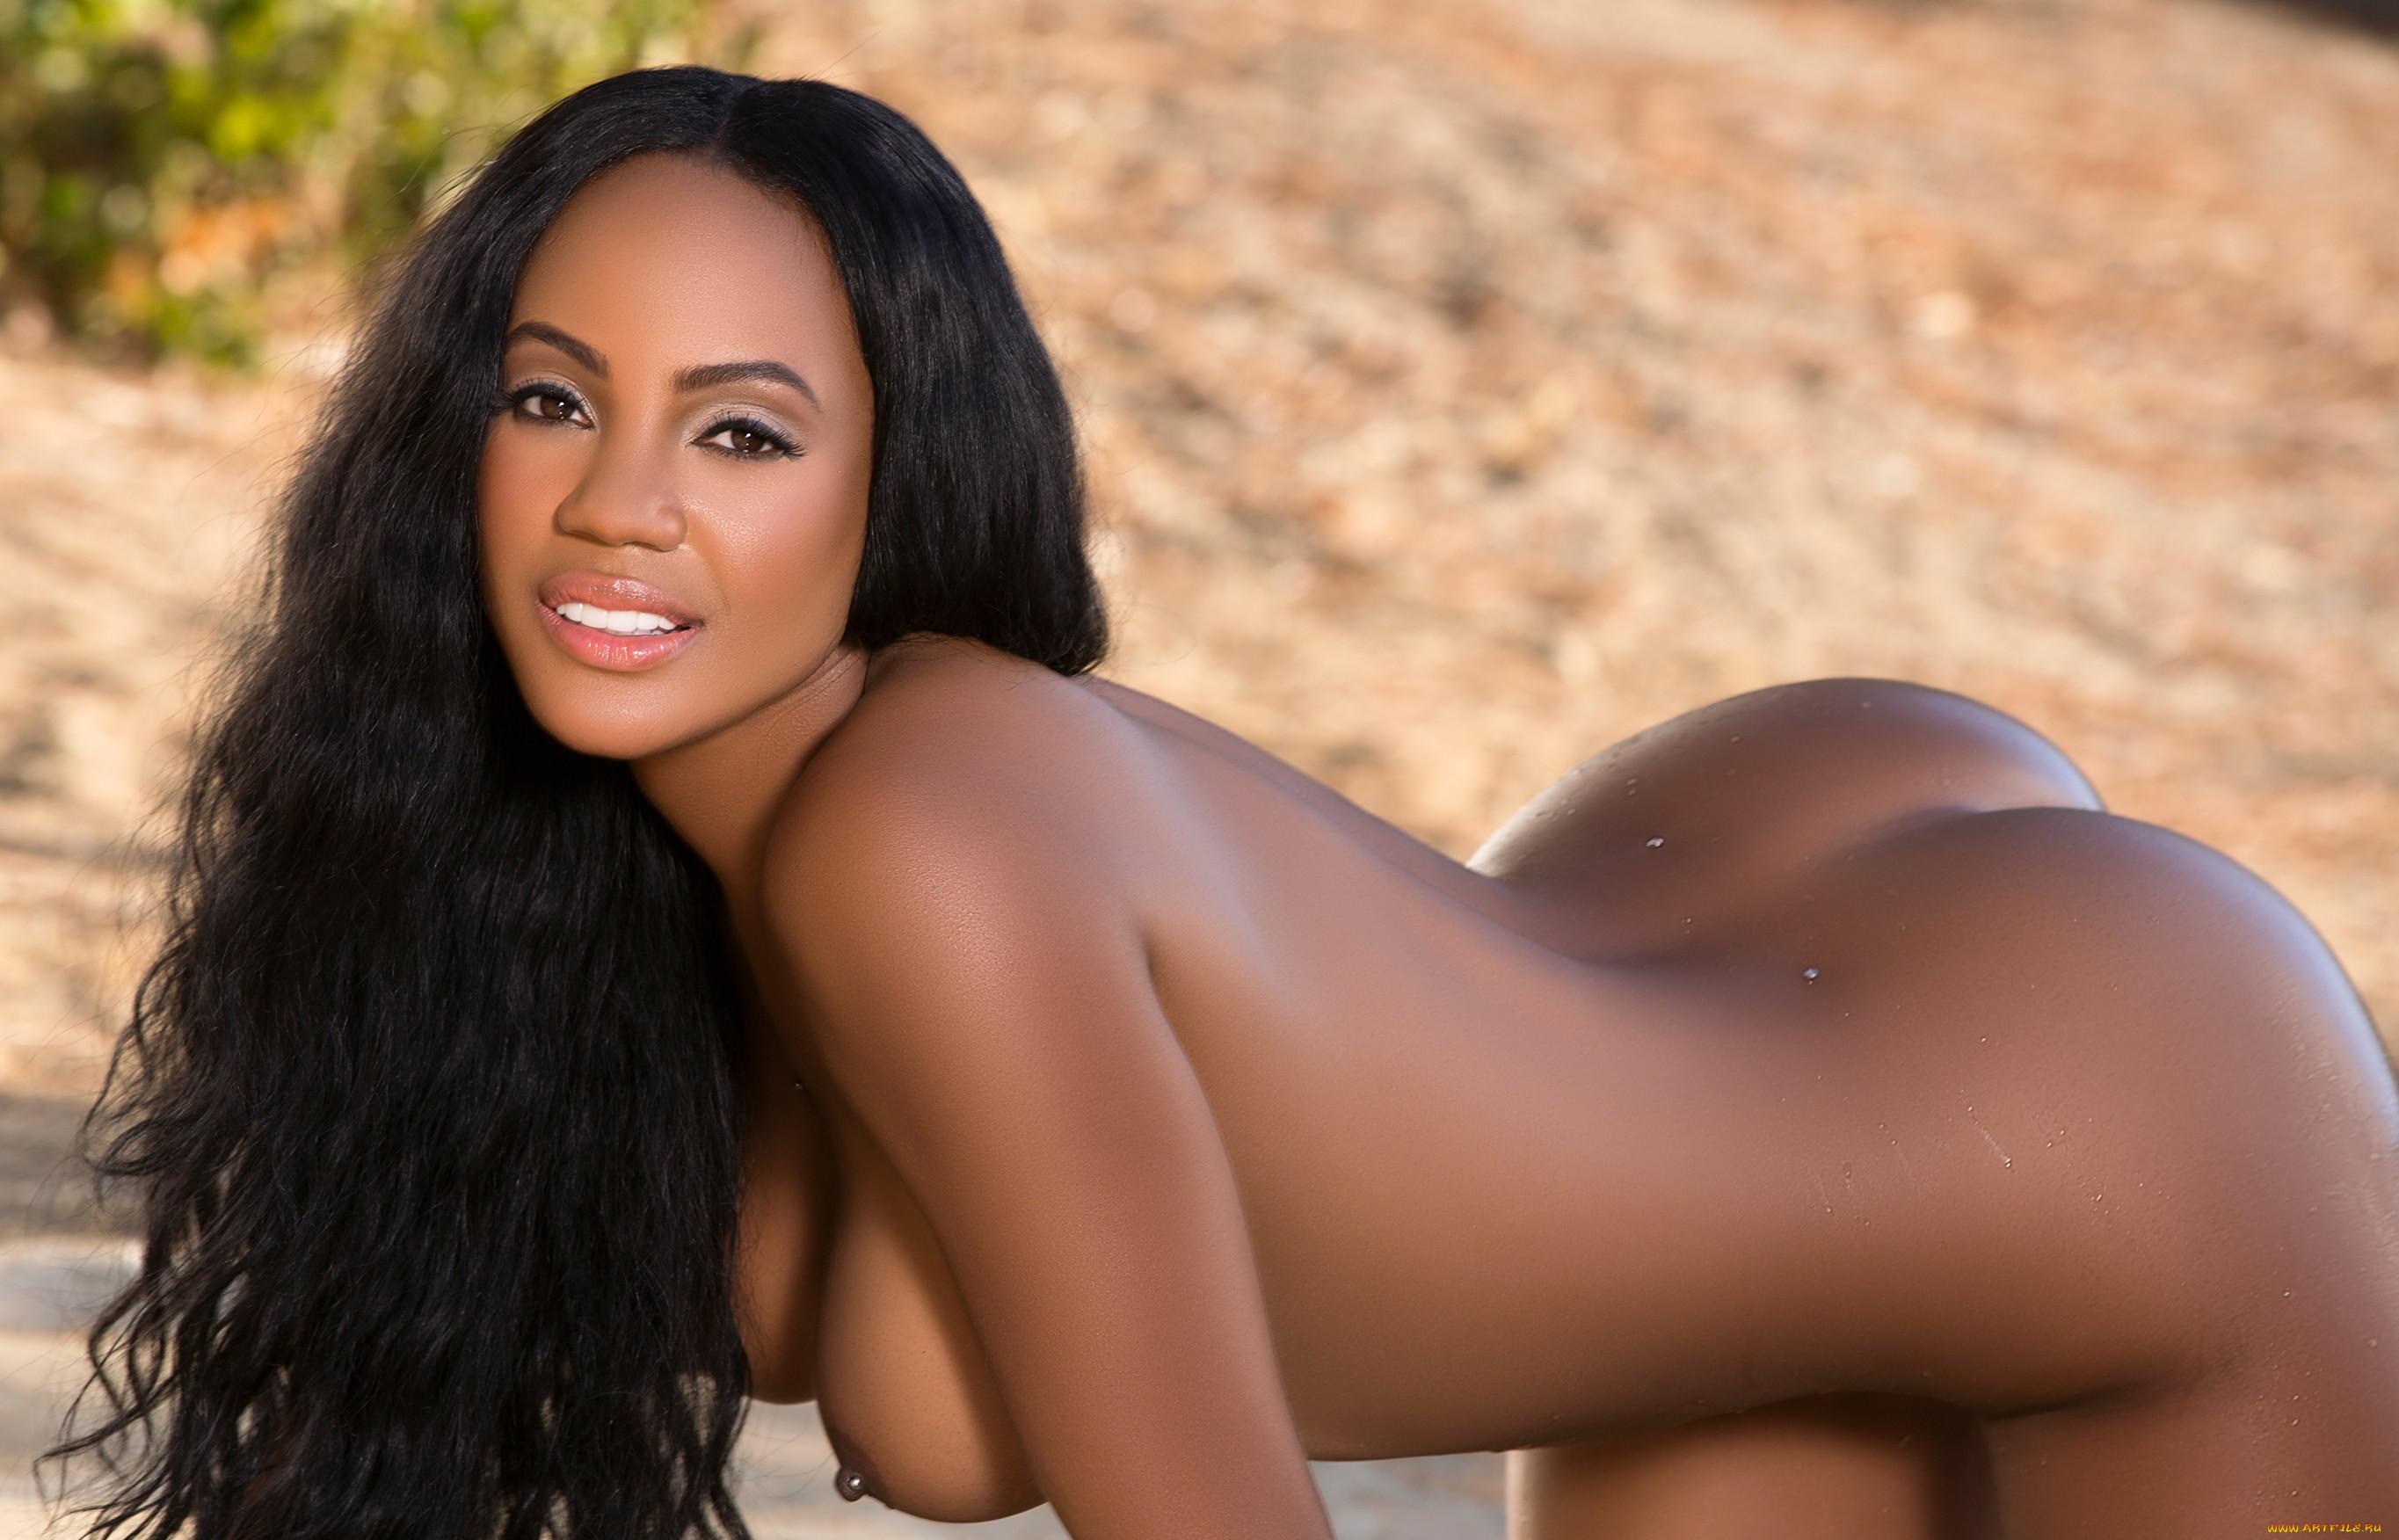 Формы голых девок, Голые девушки. Эротические фото и видео красивых 6 фотография